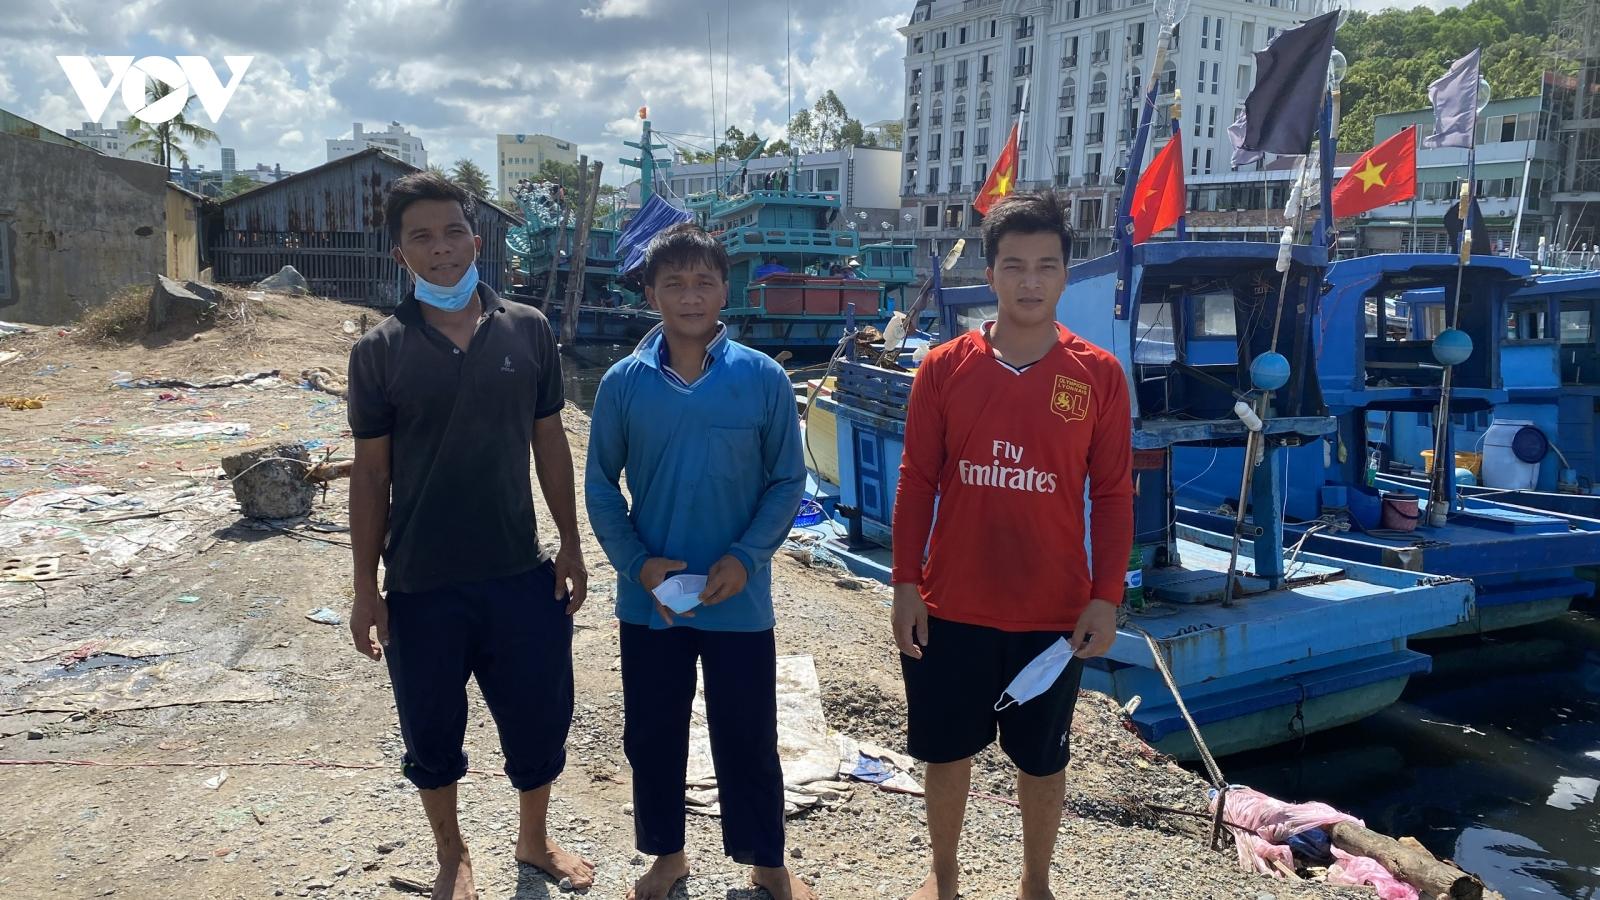 Bắt11 người nhập cảnh trái phép từ Campuchia, về Việt Nam bằng đường biển